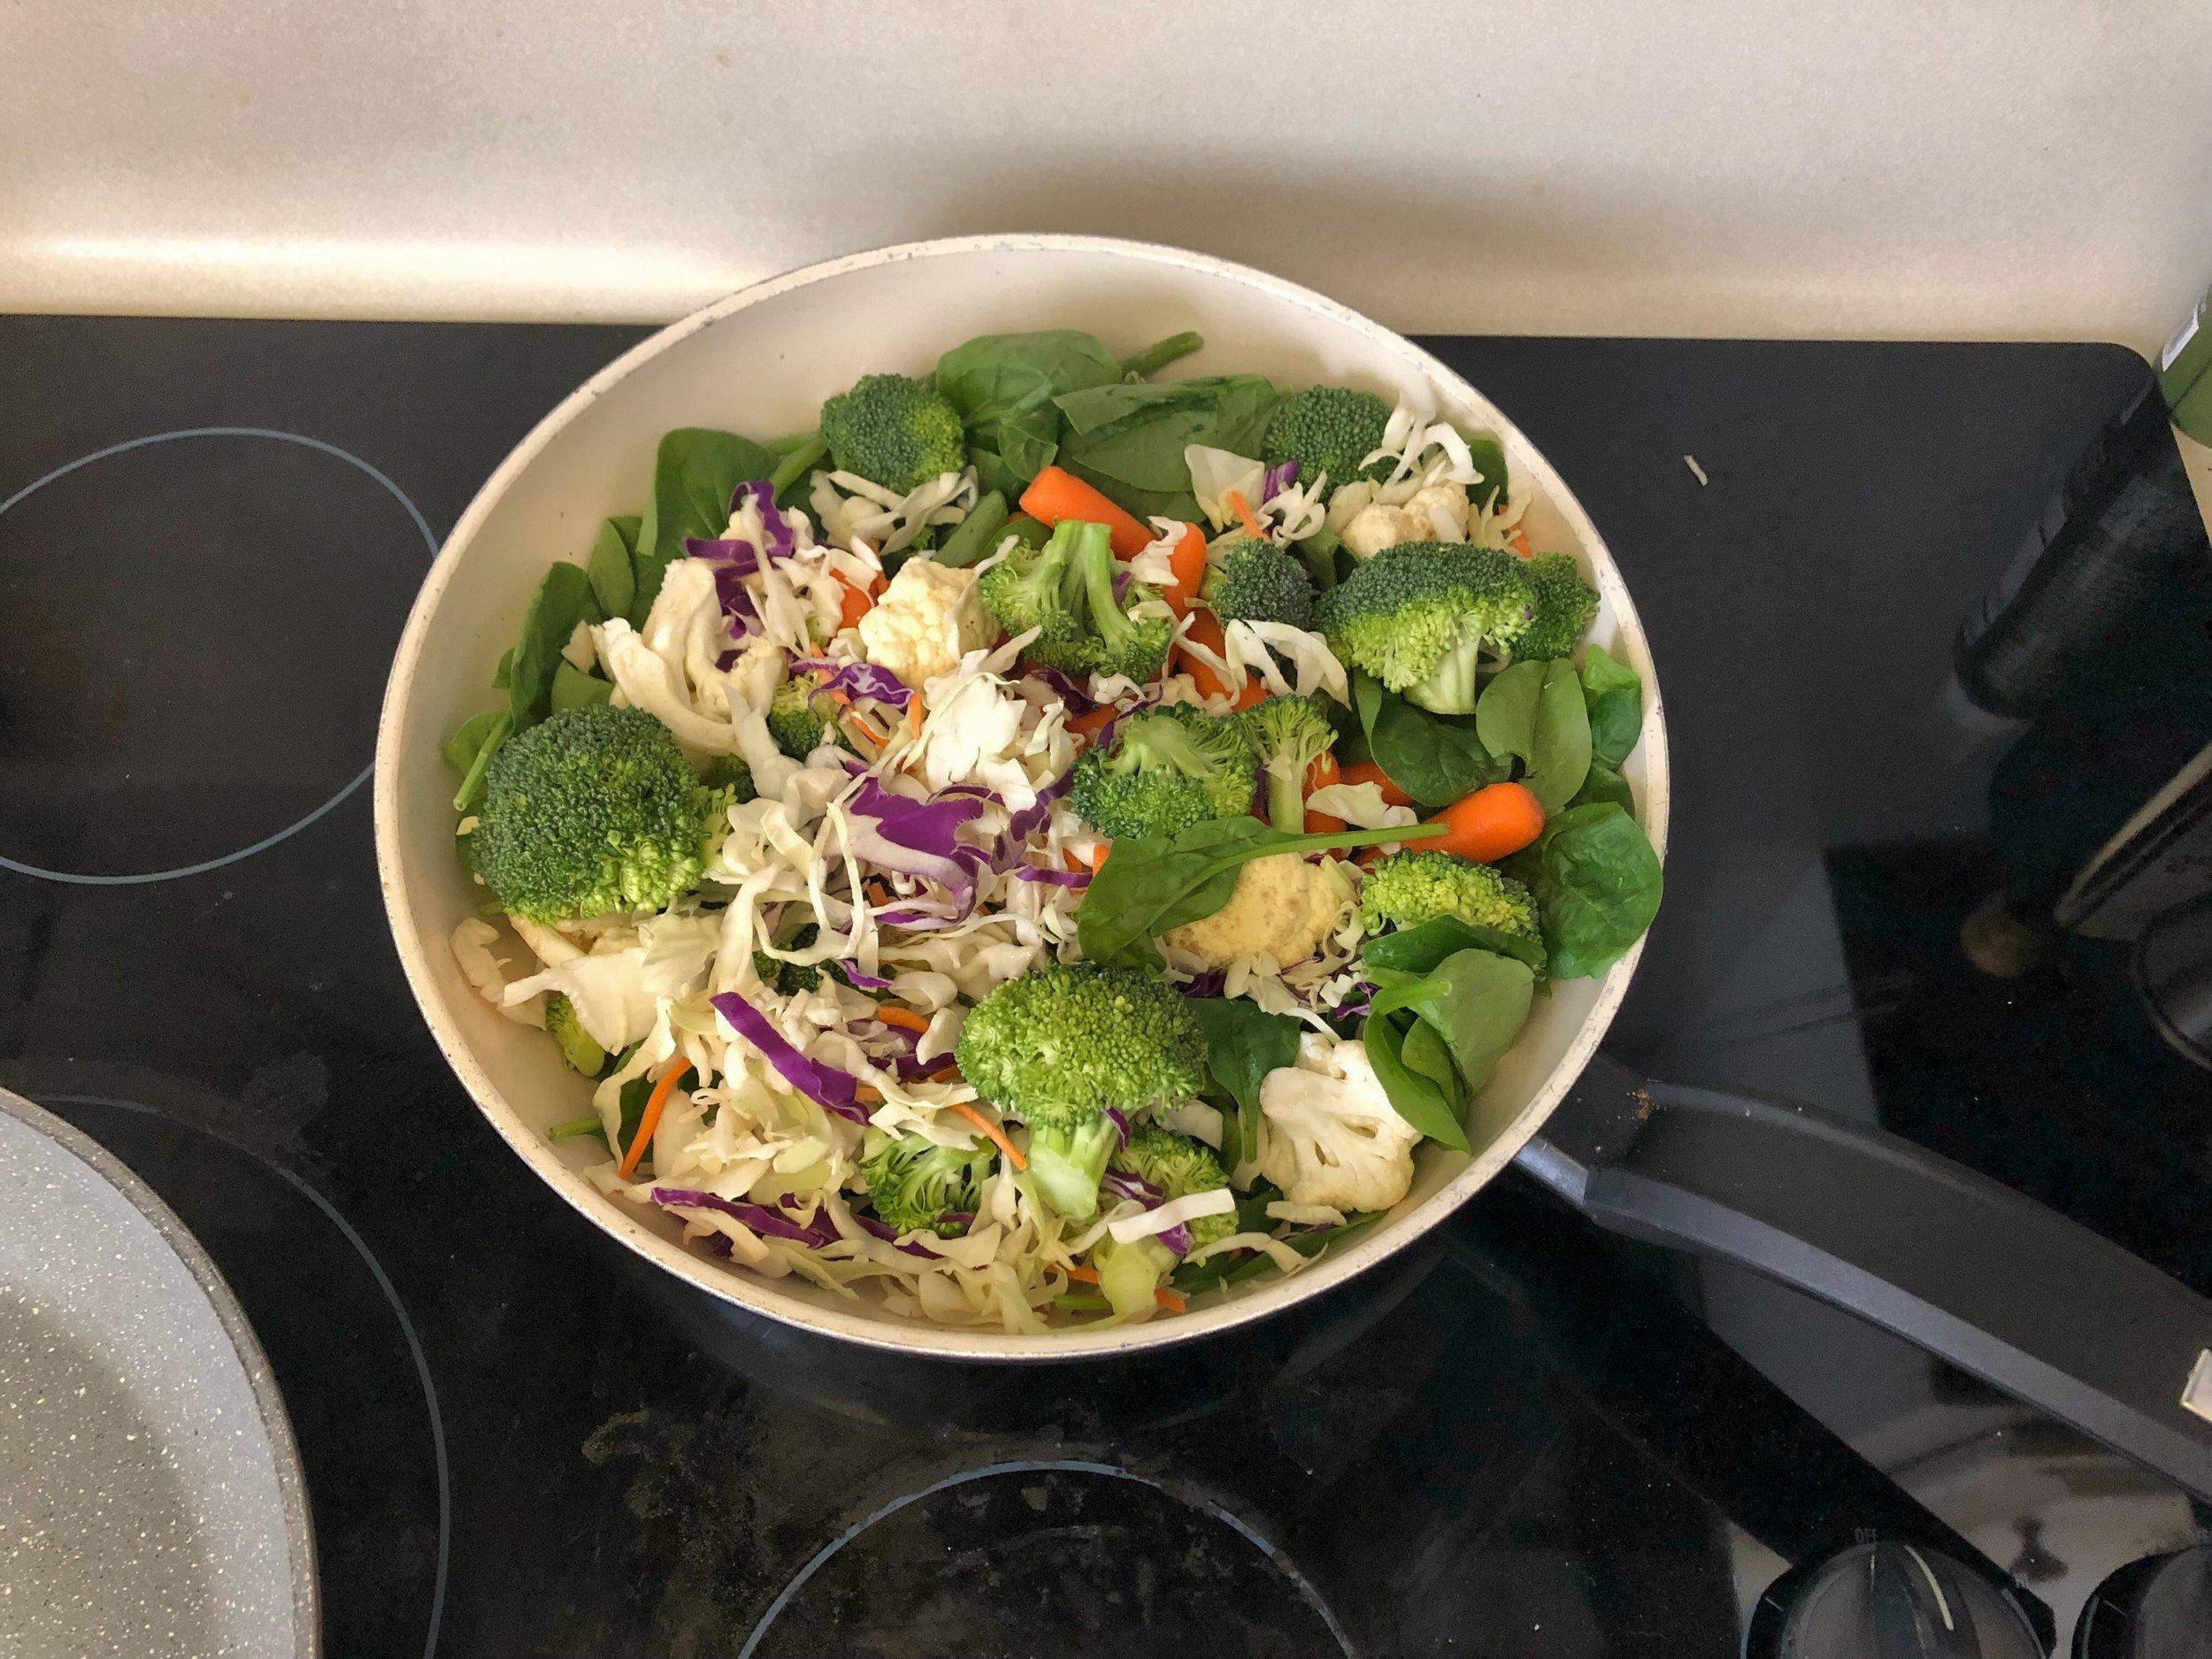 Reverse Diet Week 3 veggies 4.JPG